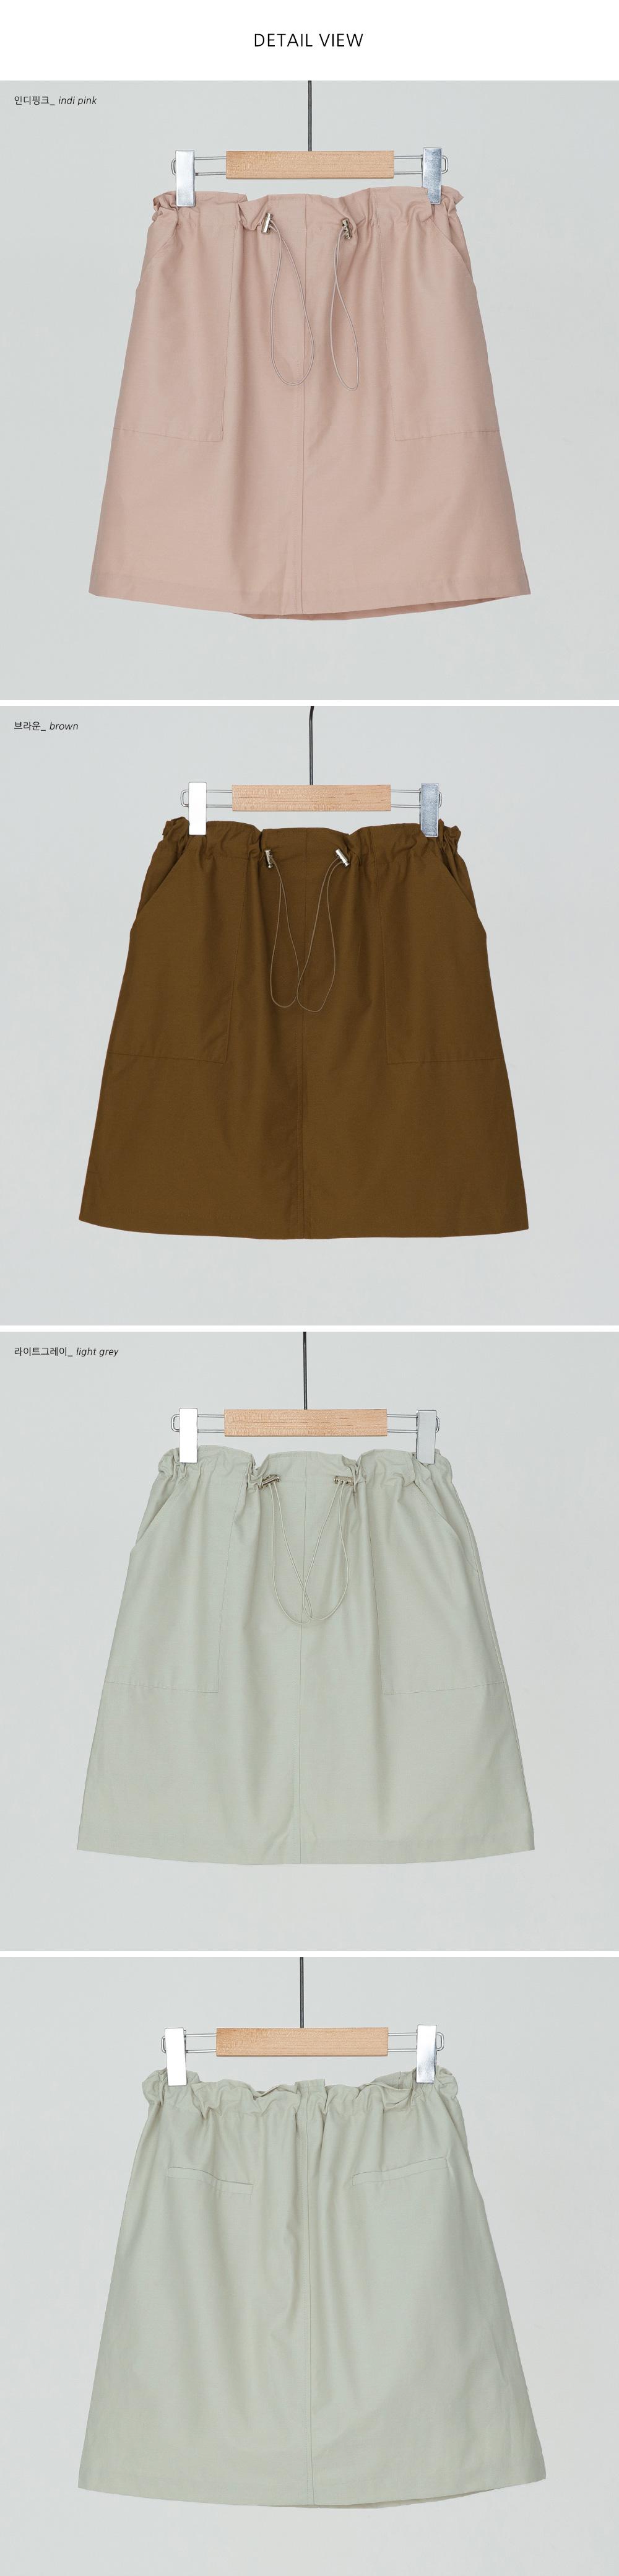 unique mood stopper skirt